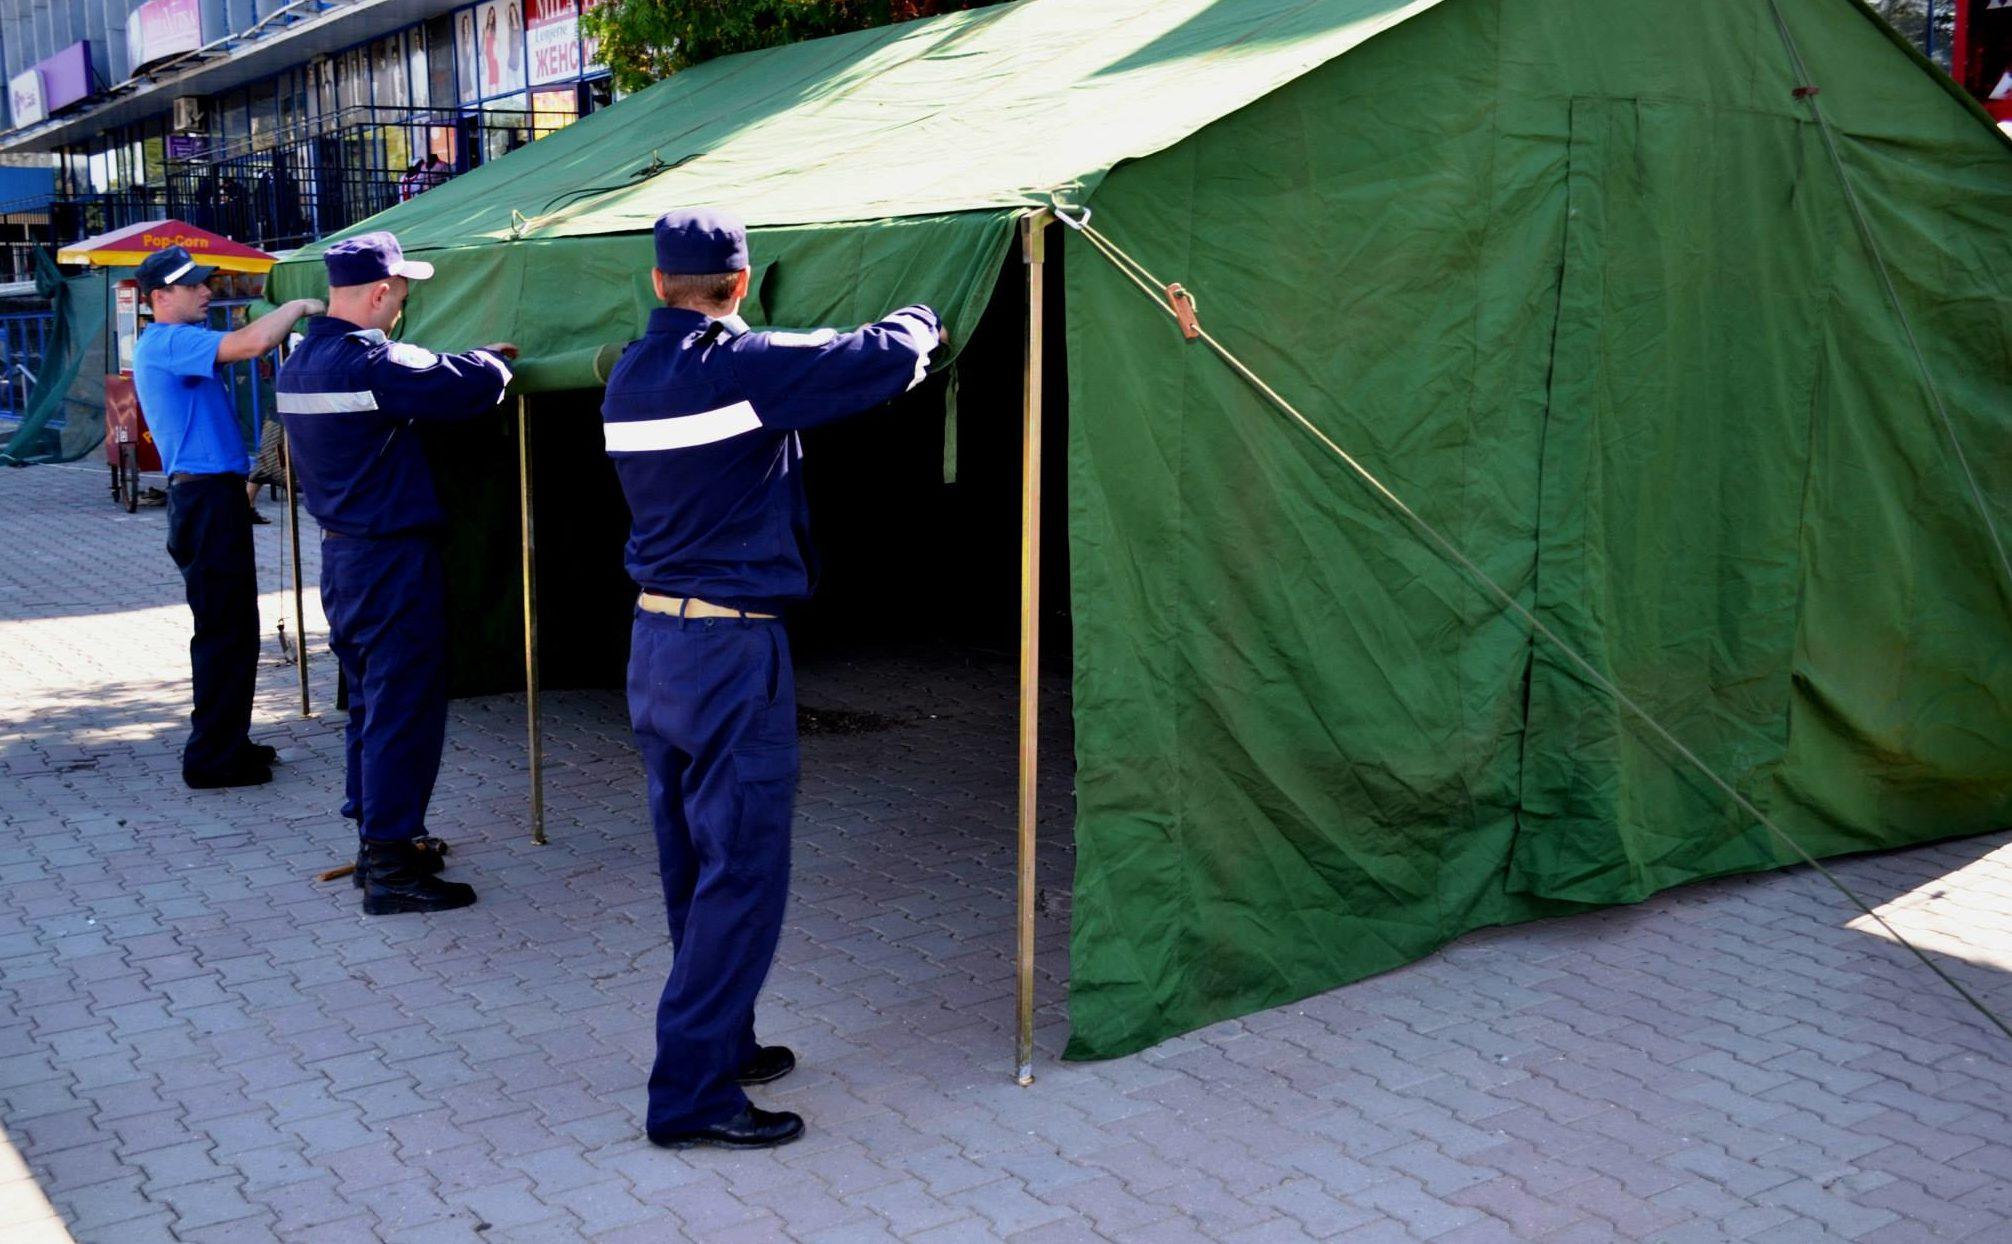 Cod galben în weekend: Numărul corturilor anticaniculă din capitală va fi dublat